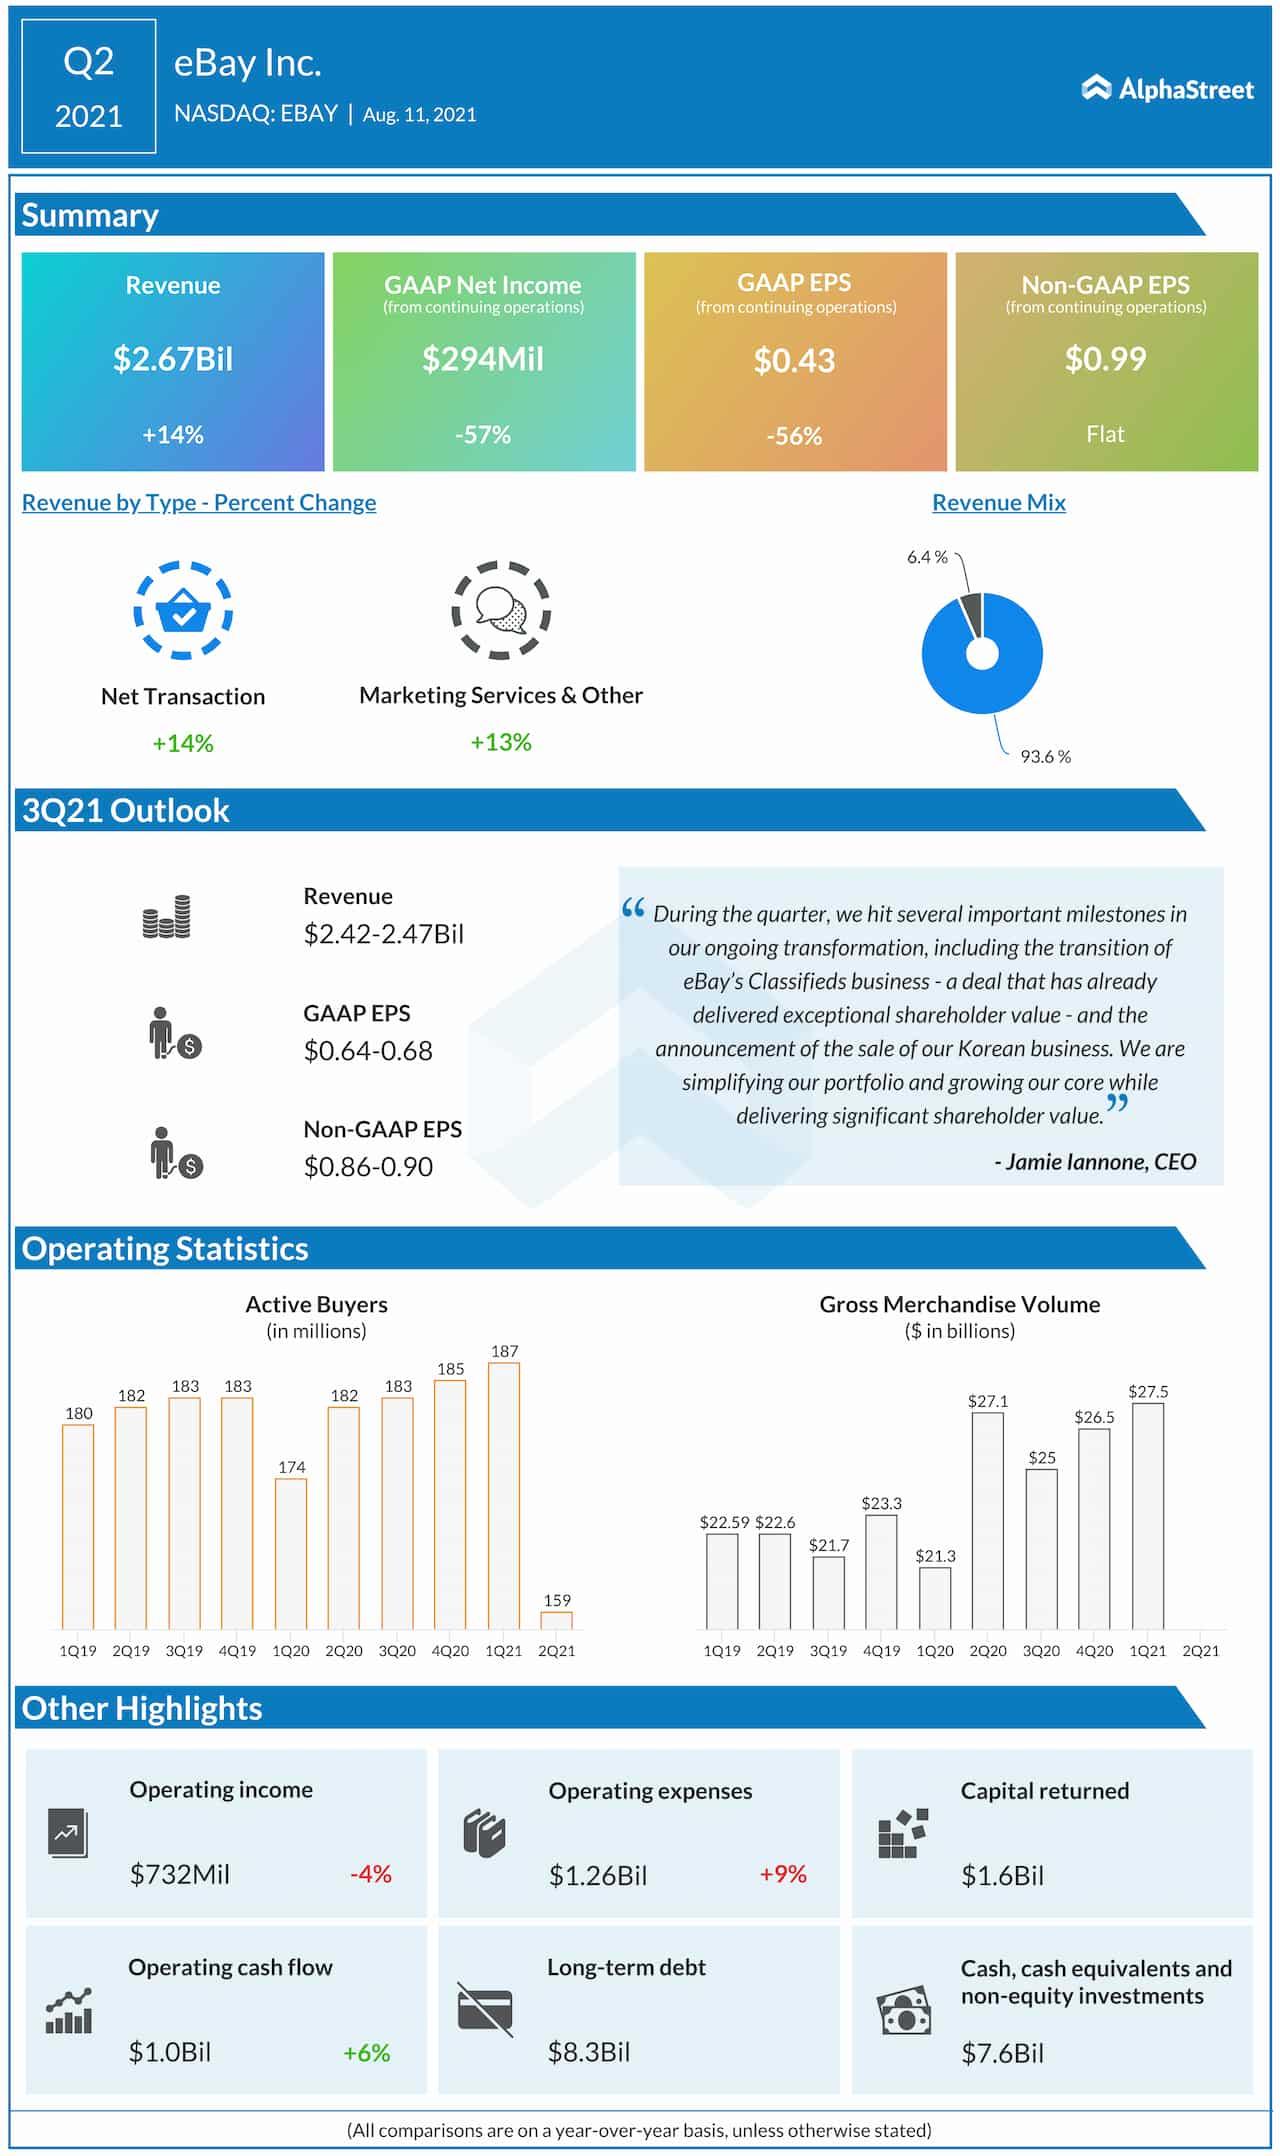 eBay Q2 2021 earnings infographic